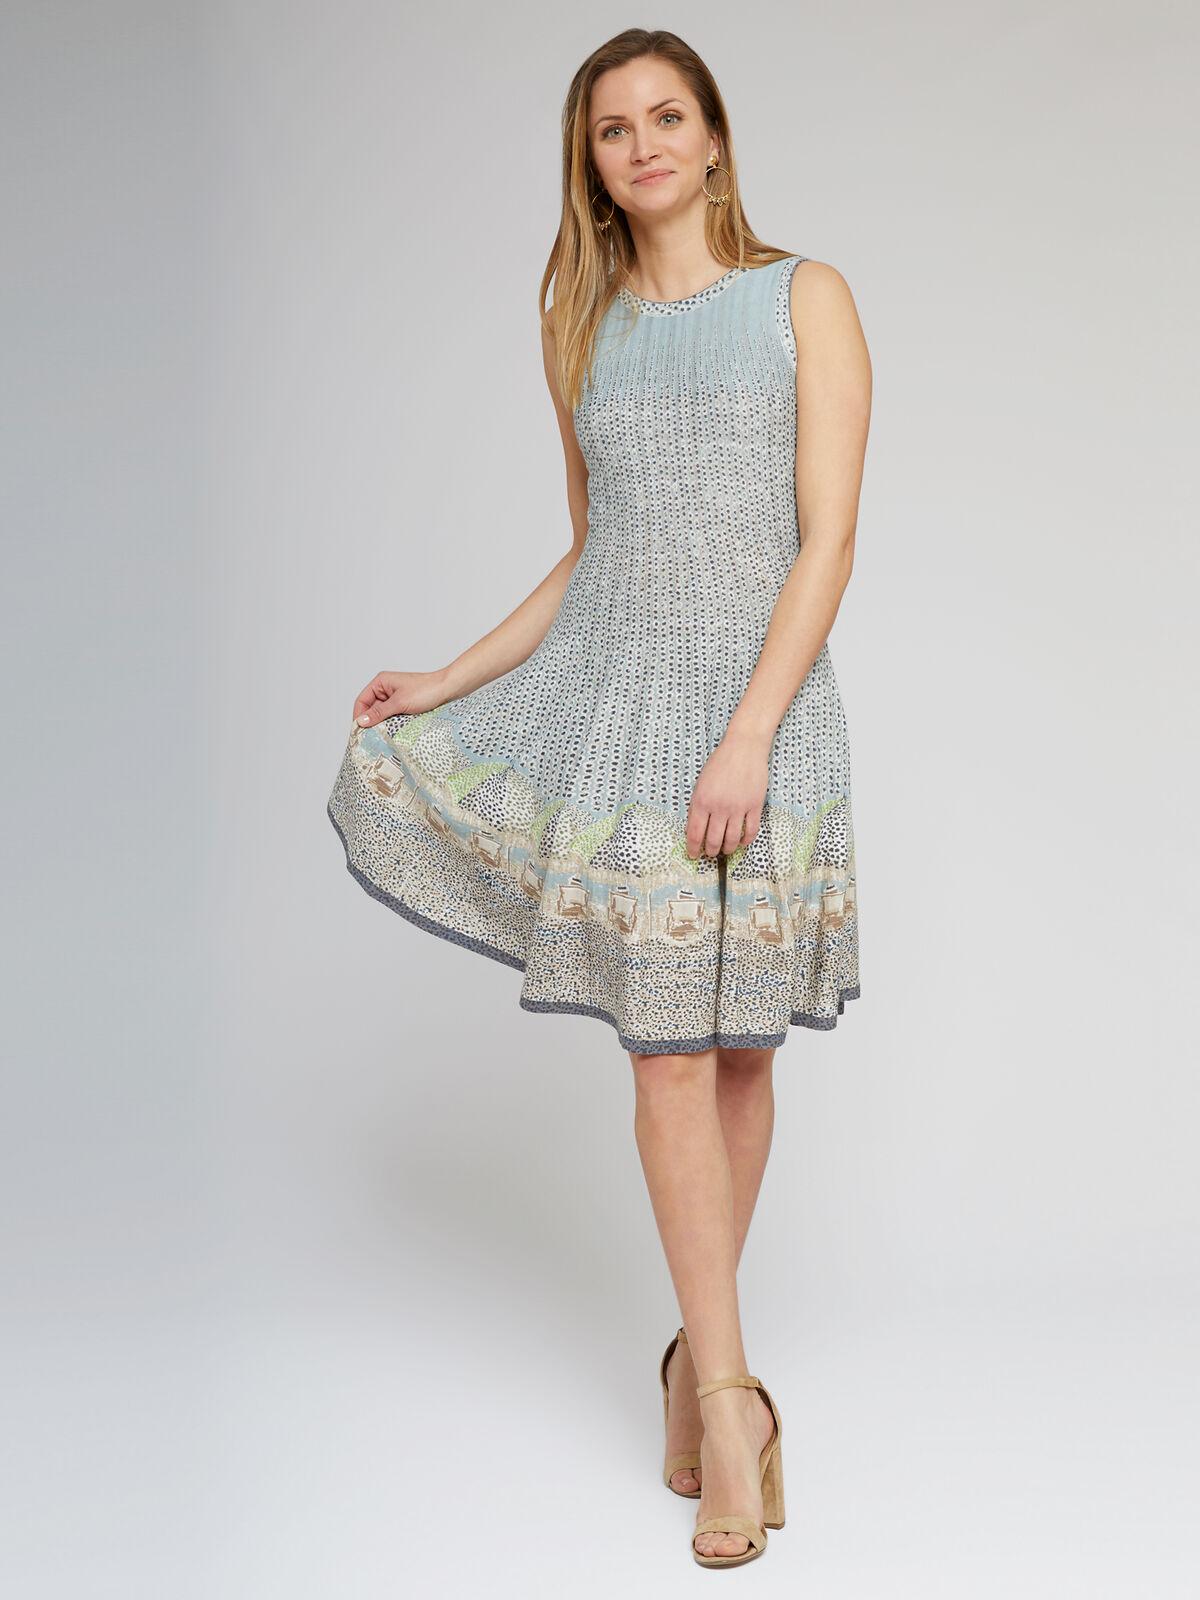 Sunny Days Twirl Dress